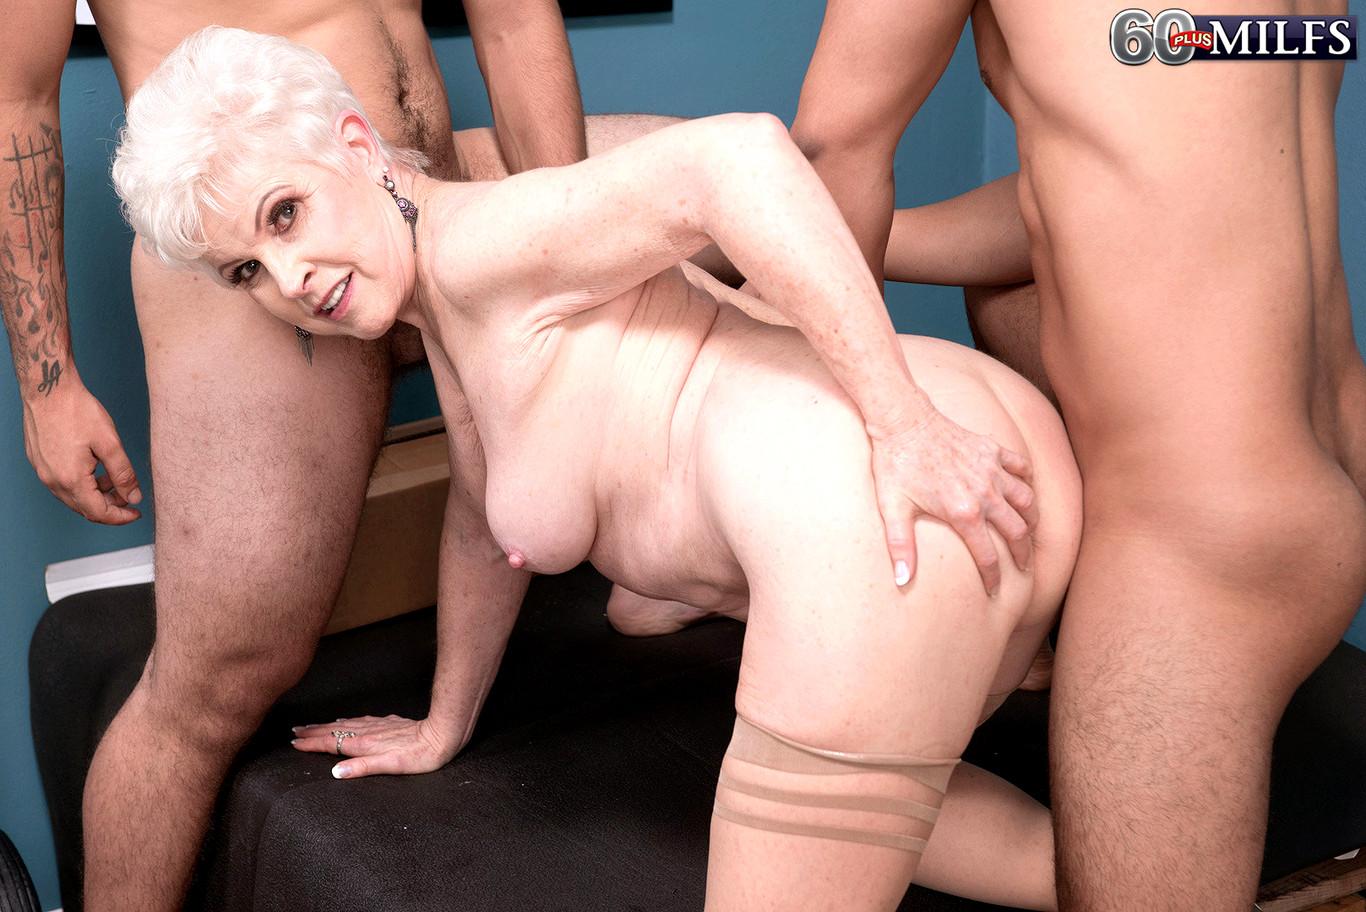 Homemade naked gf